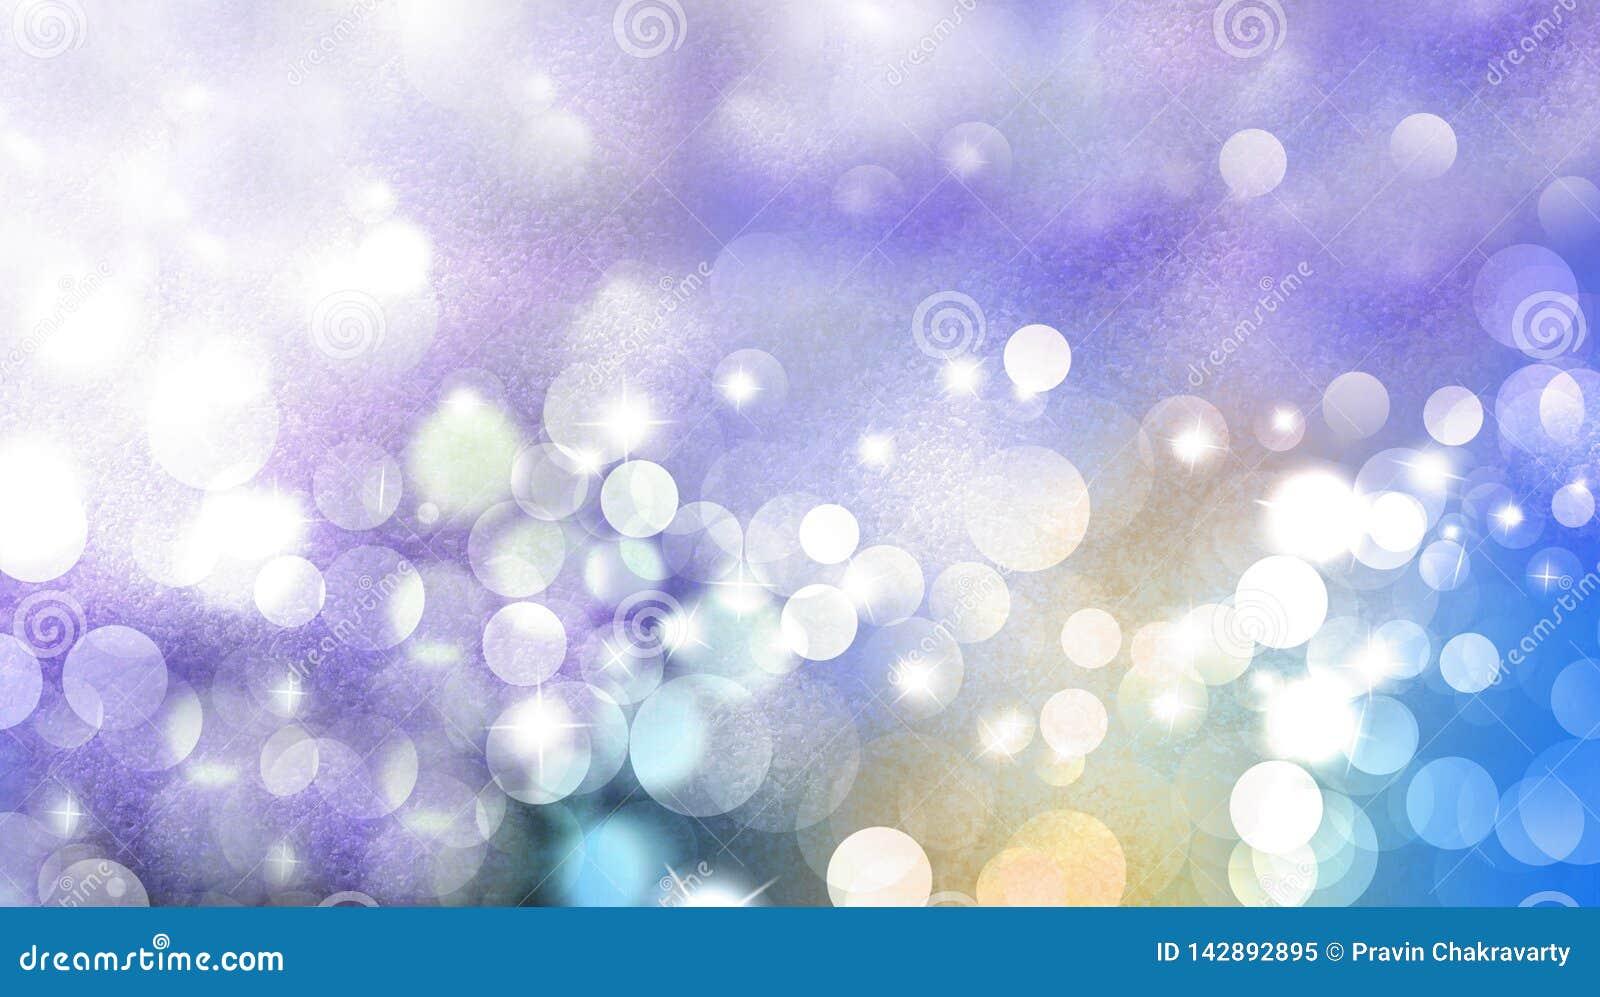 圣诞节不可思议的闪闪发光,光点,传染媒介对闪烁的bokeh作用 背景背景蜡染布手册褐色圆的设计桌面例证邀请介绍树荫棕褐色二使用墙纸网站